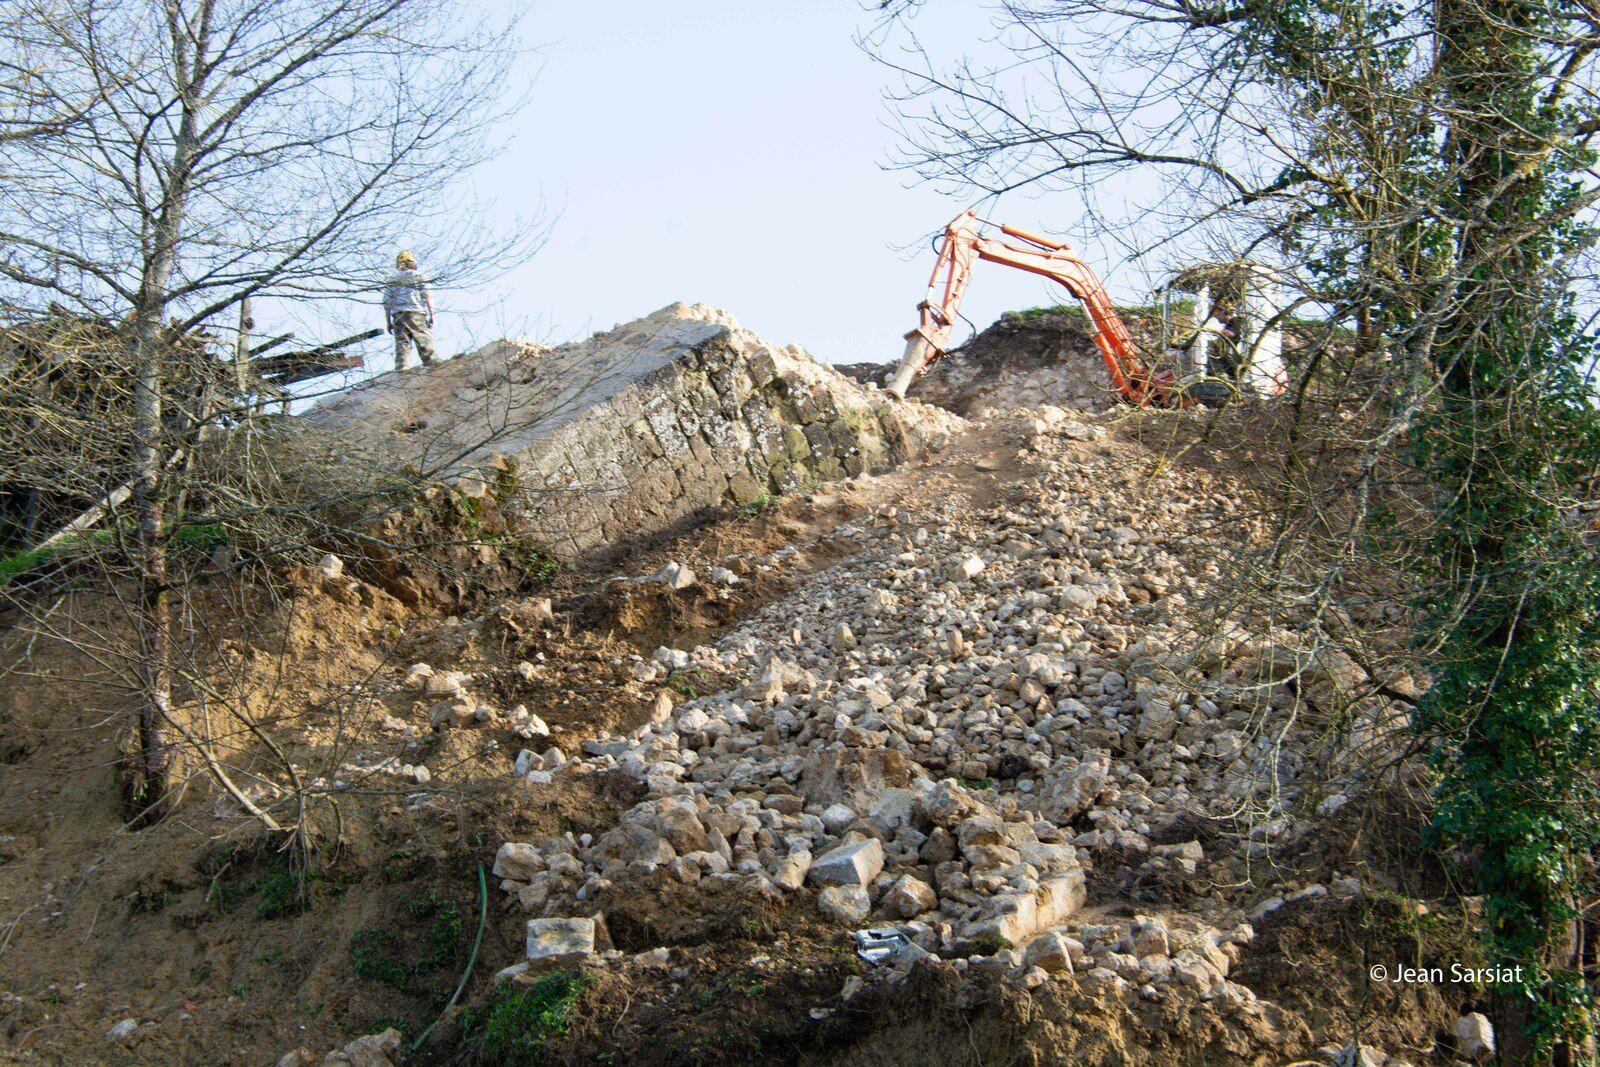 le chantier mardi 22 février